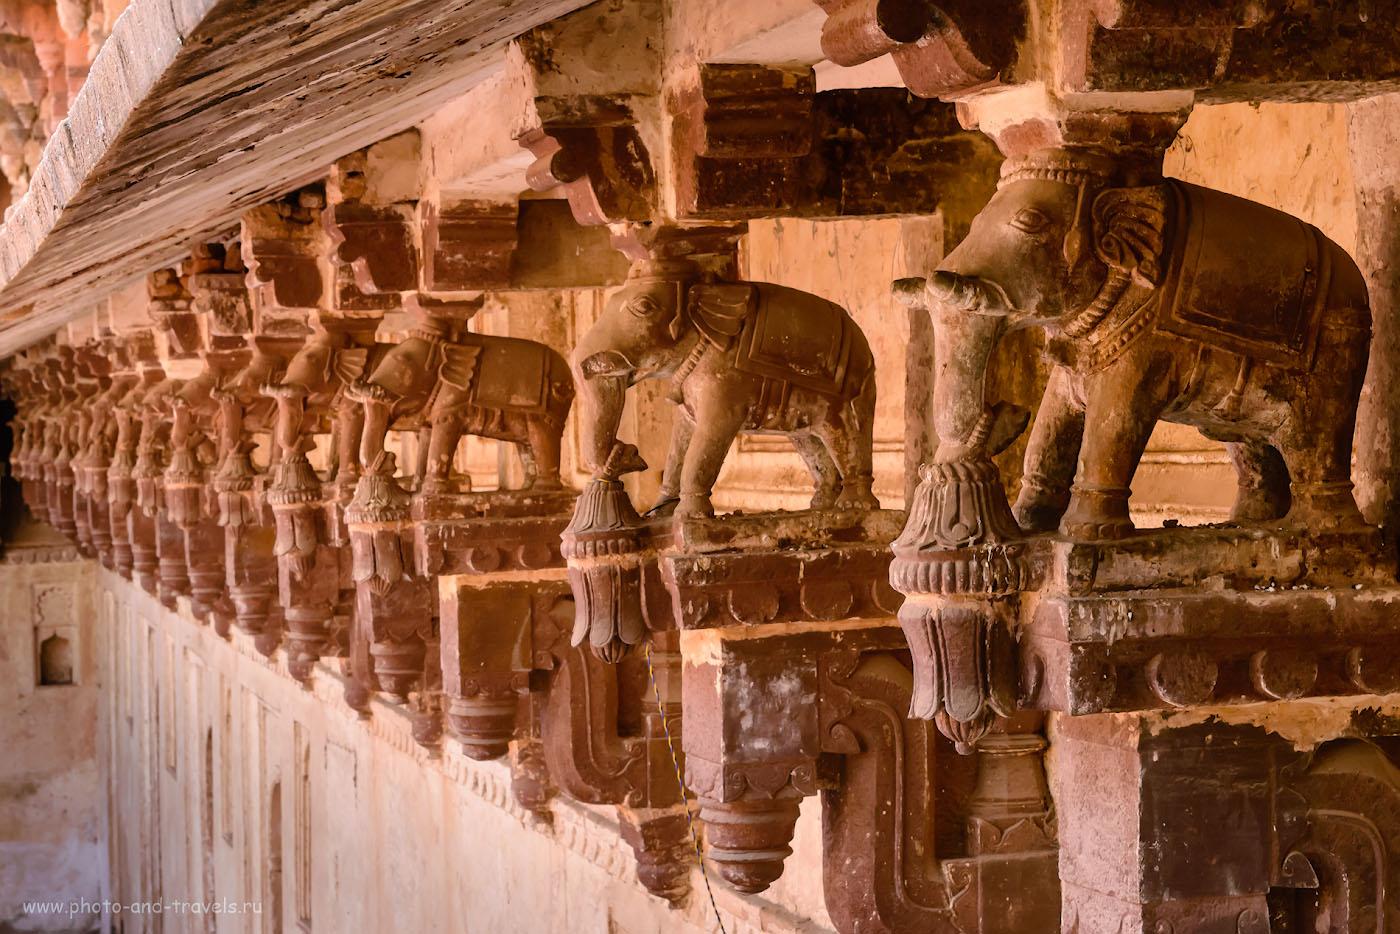 Фото 4. Сколько же работы требовалось проделать индийским мастерам! Скульптуры во дворце Орчхи.